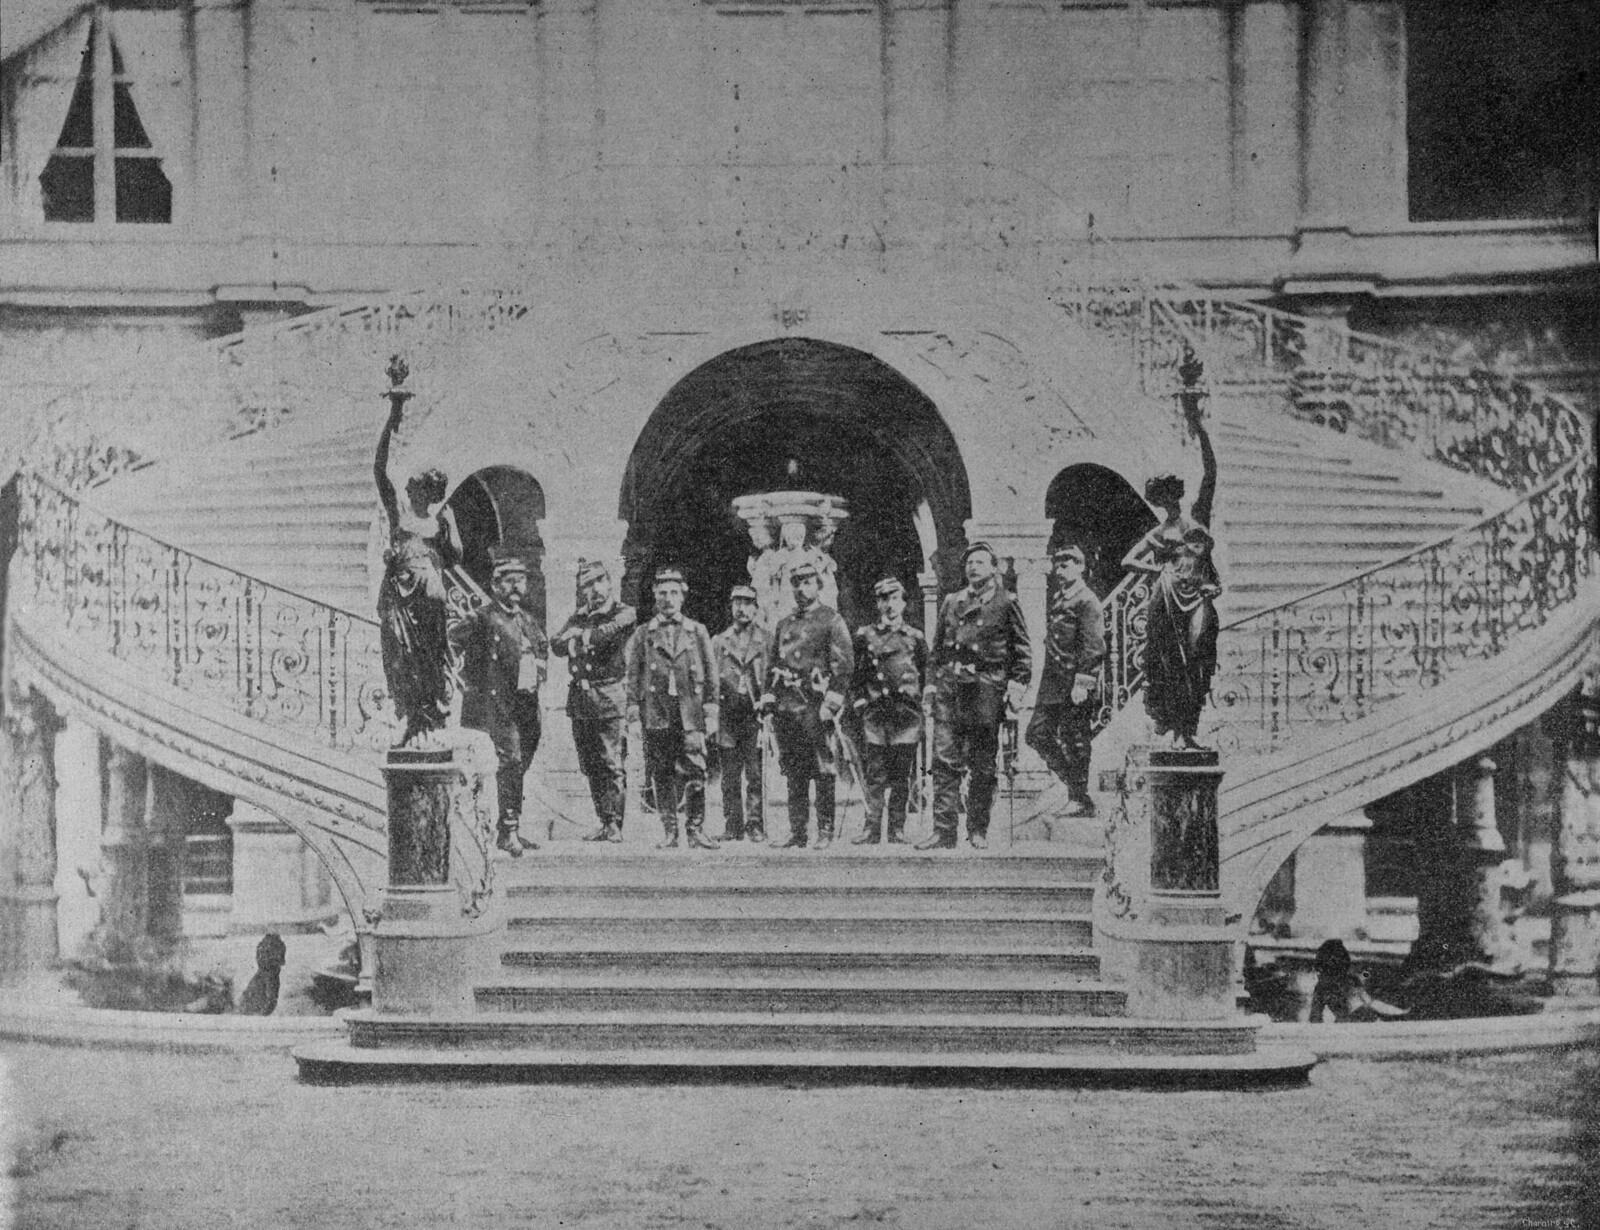 Начальники штаба Французской Коммуны на нижнем этаже ратуши в марте 1871